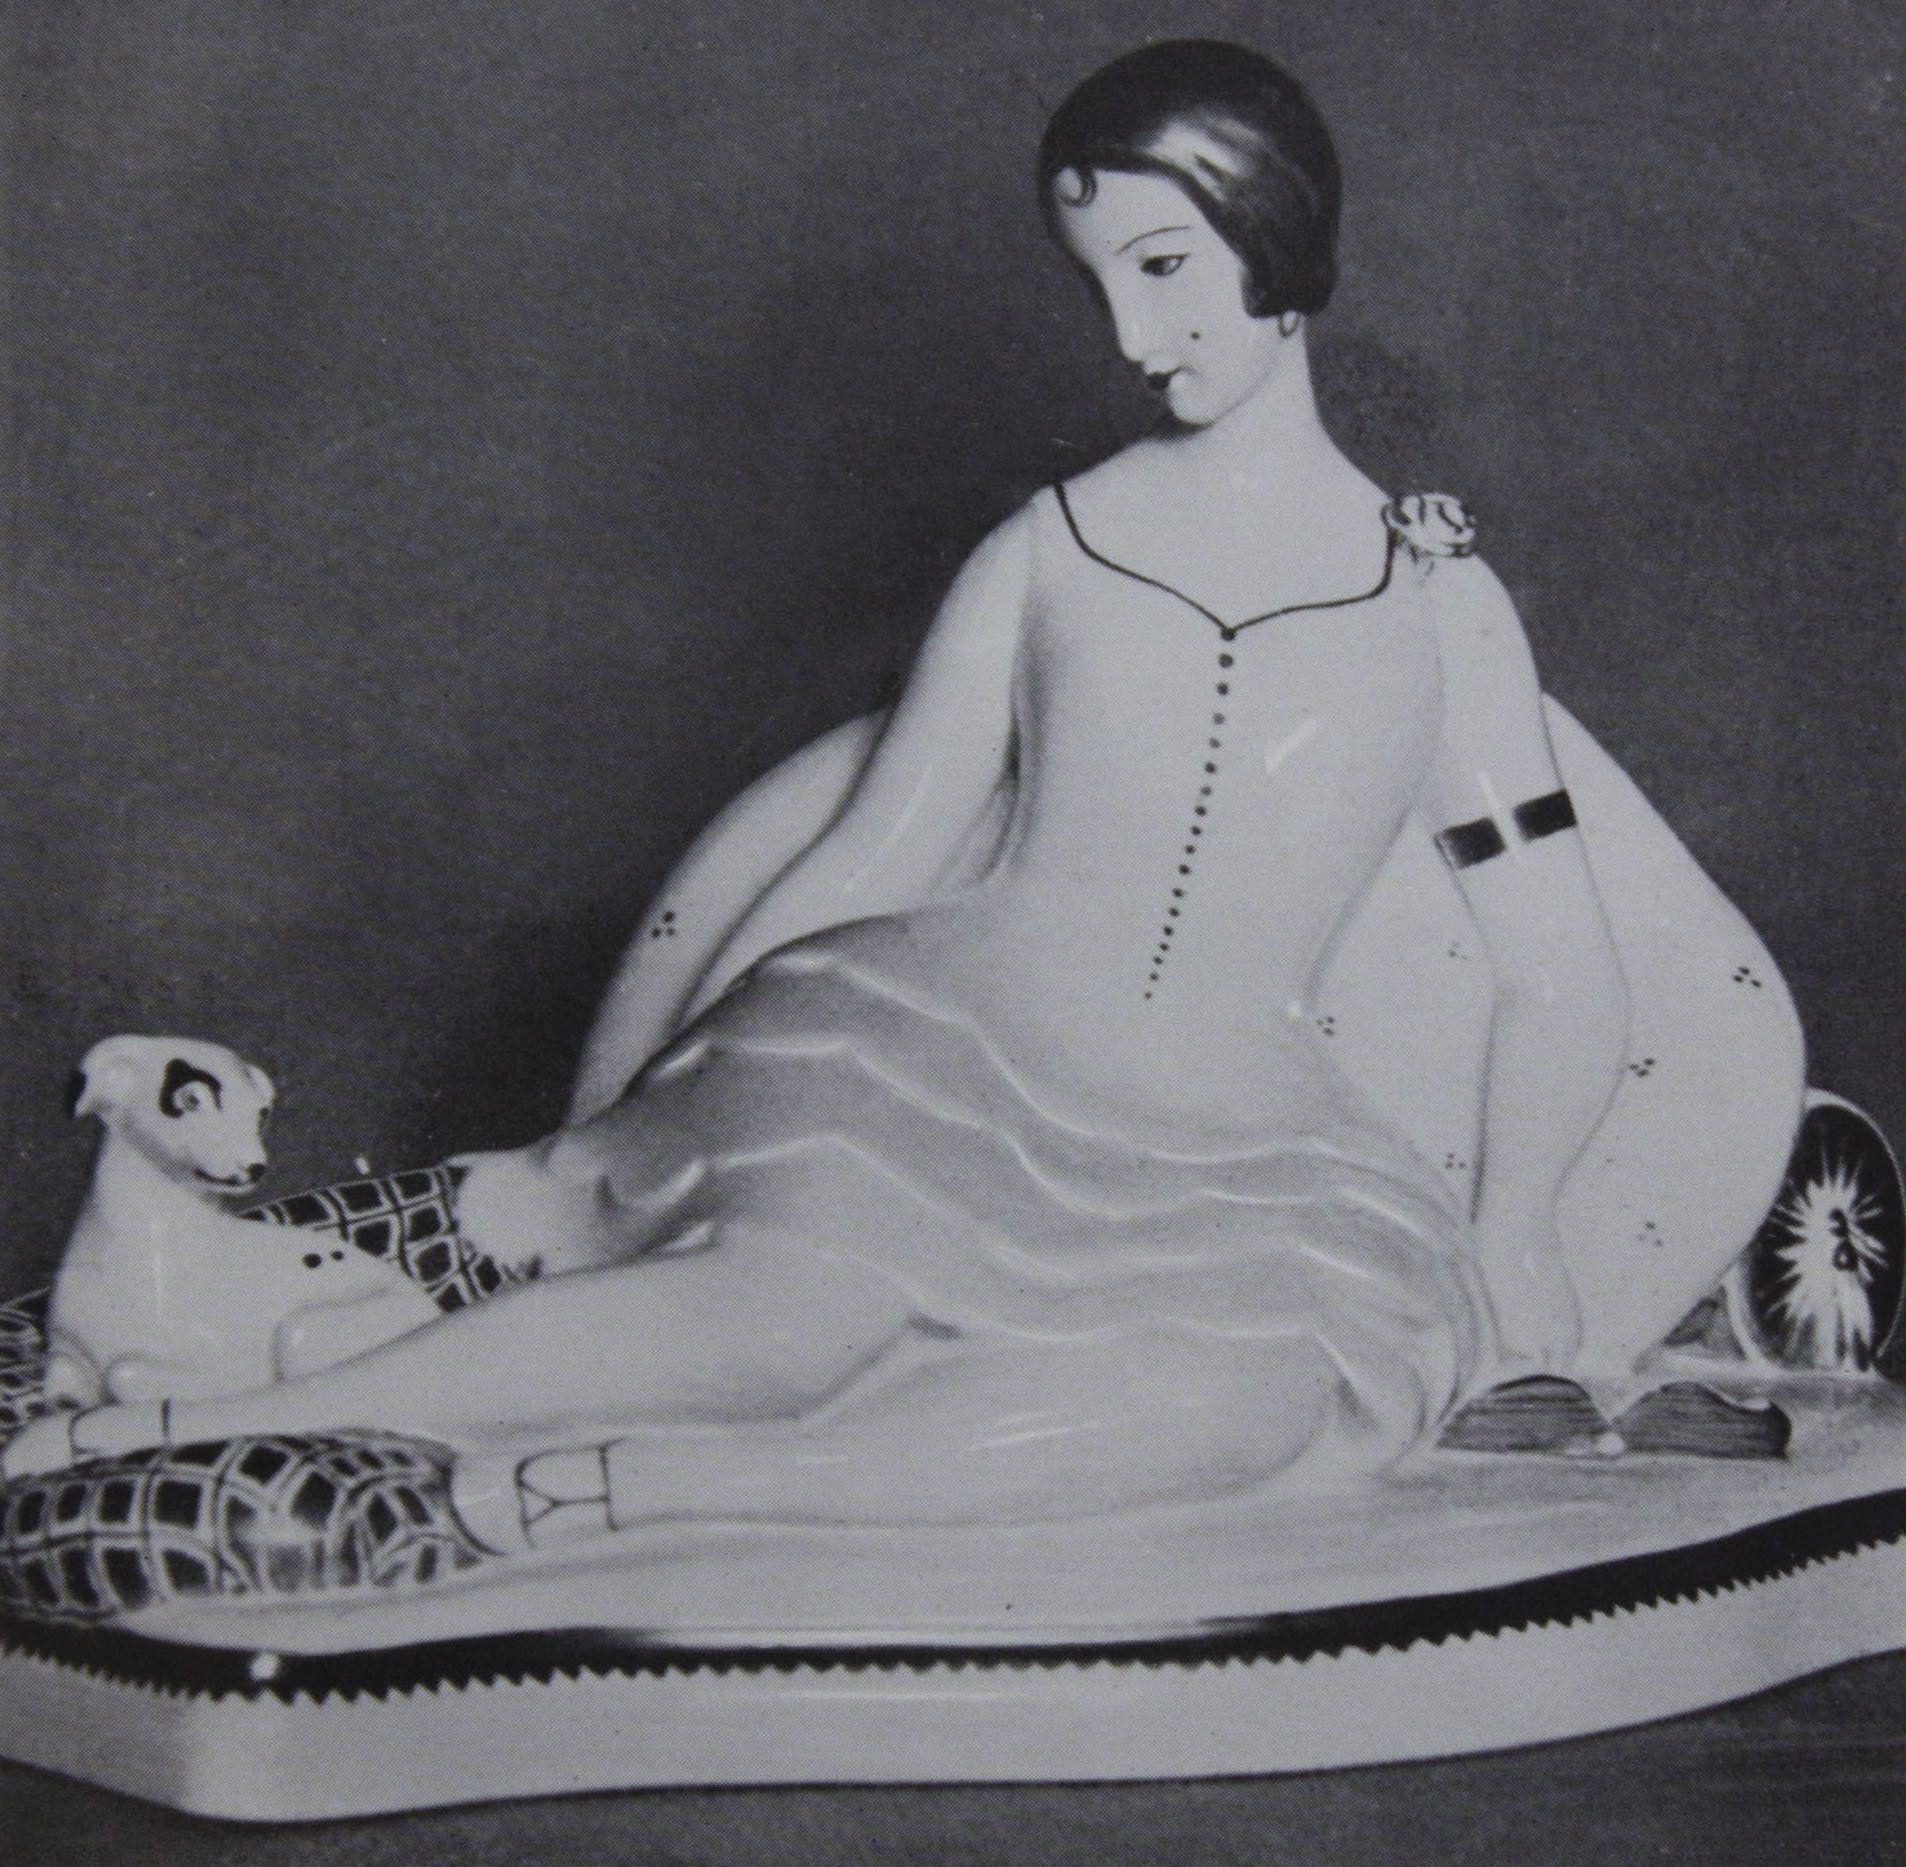 Figurine Eine Porzellanplastik von Andreas                                 Sparre (Einar                                 Wegener)                             Paris 1928